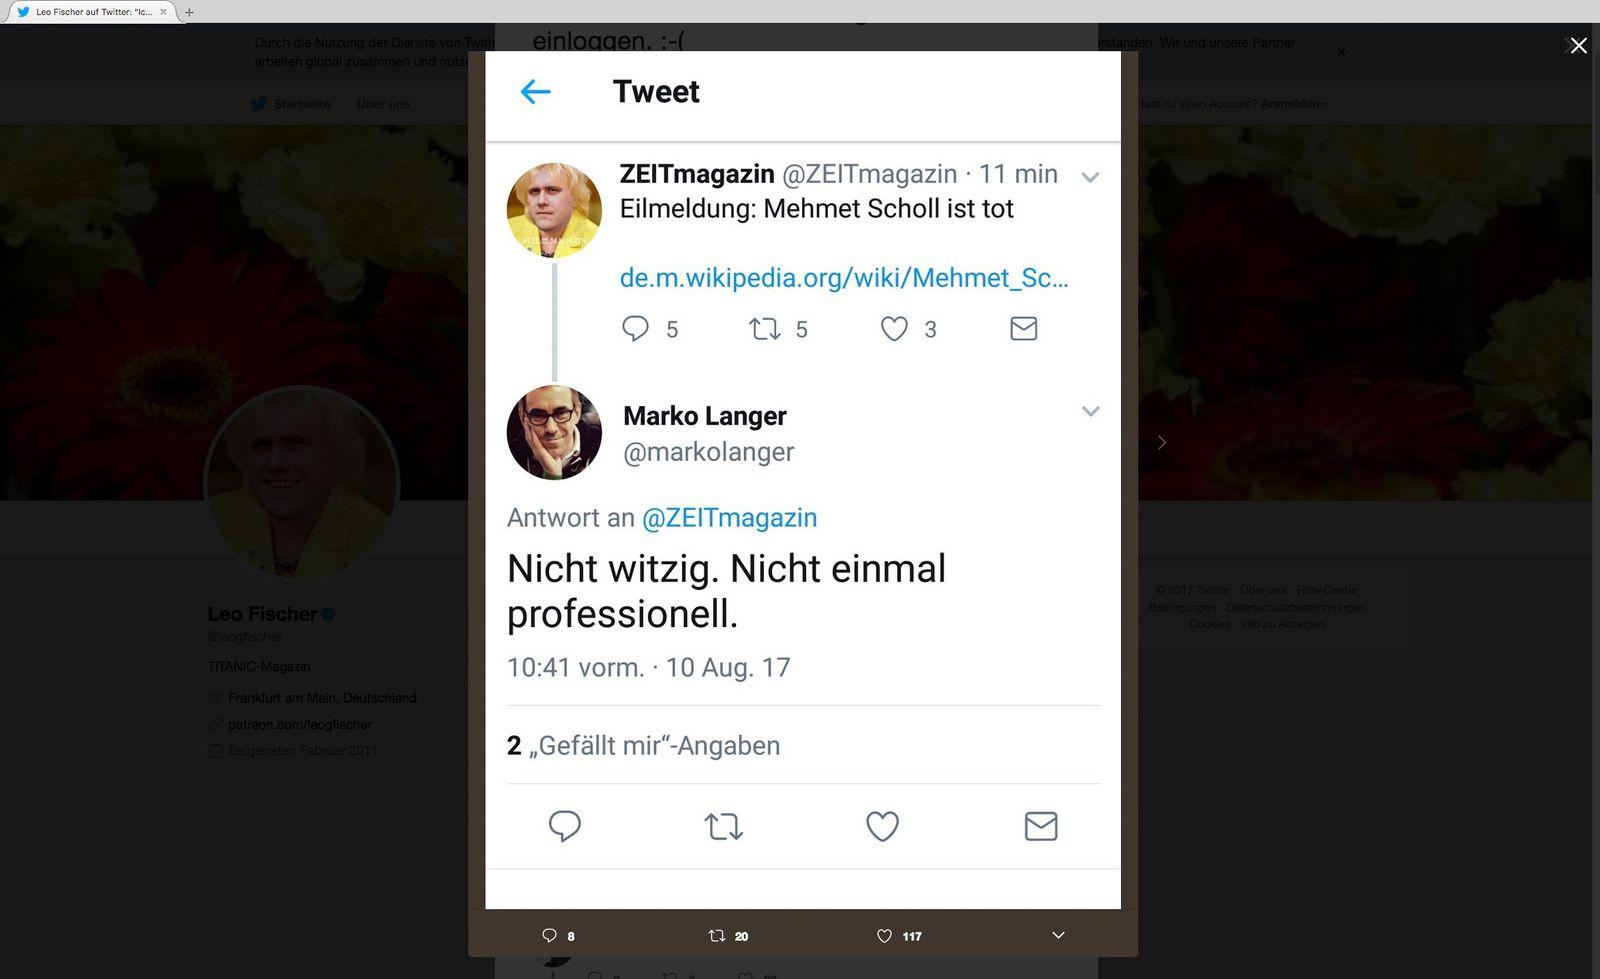 EINMALIGE VERWENDUNG Leo Fischer/ Twitter/ ZEITmagazin SCREENSHOT